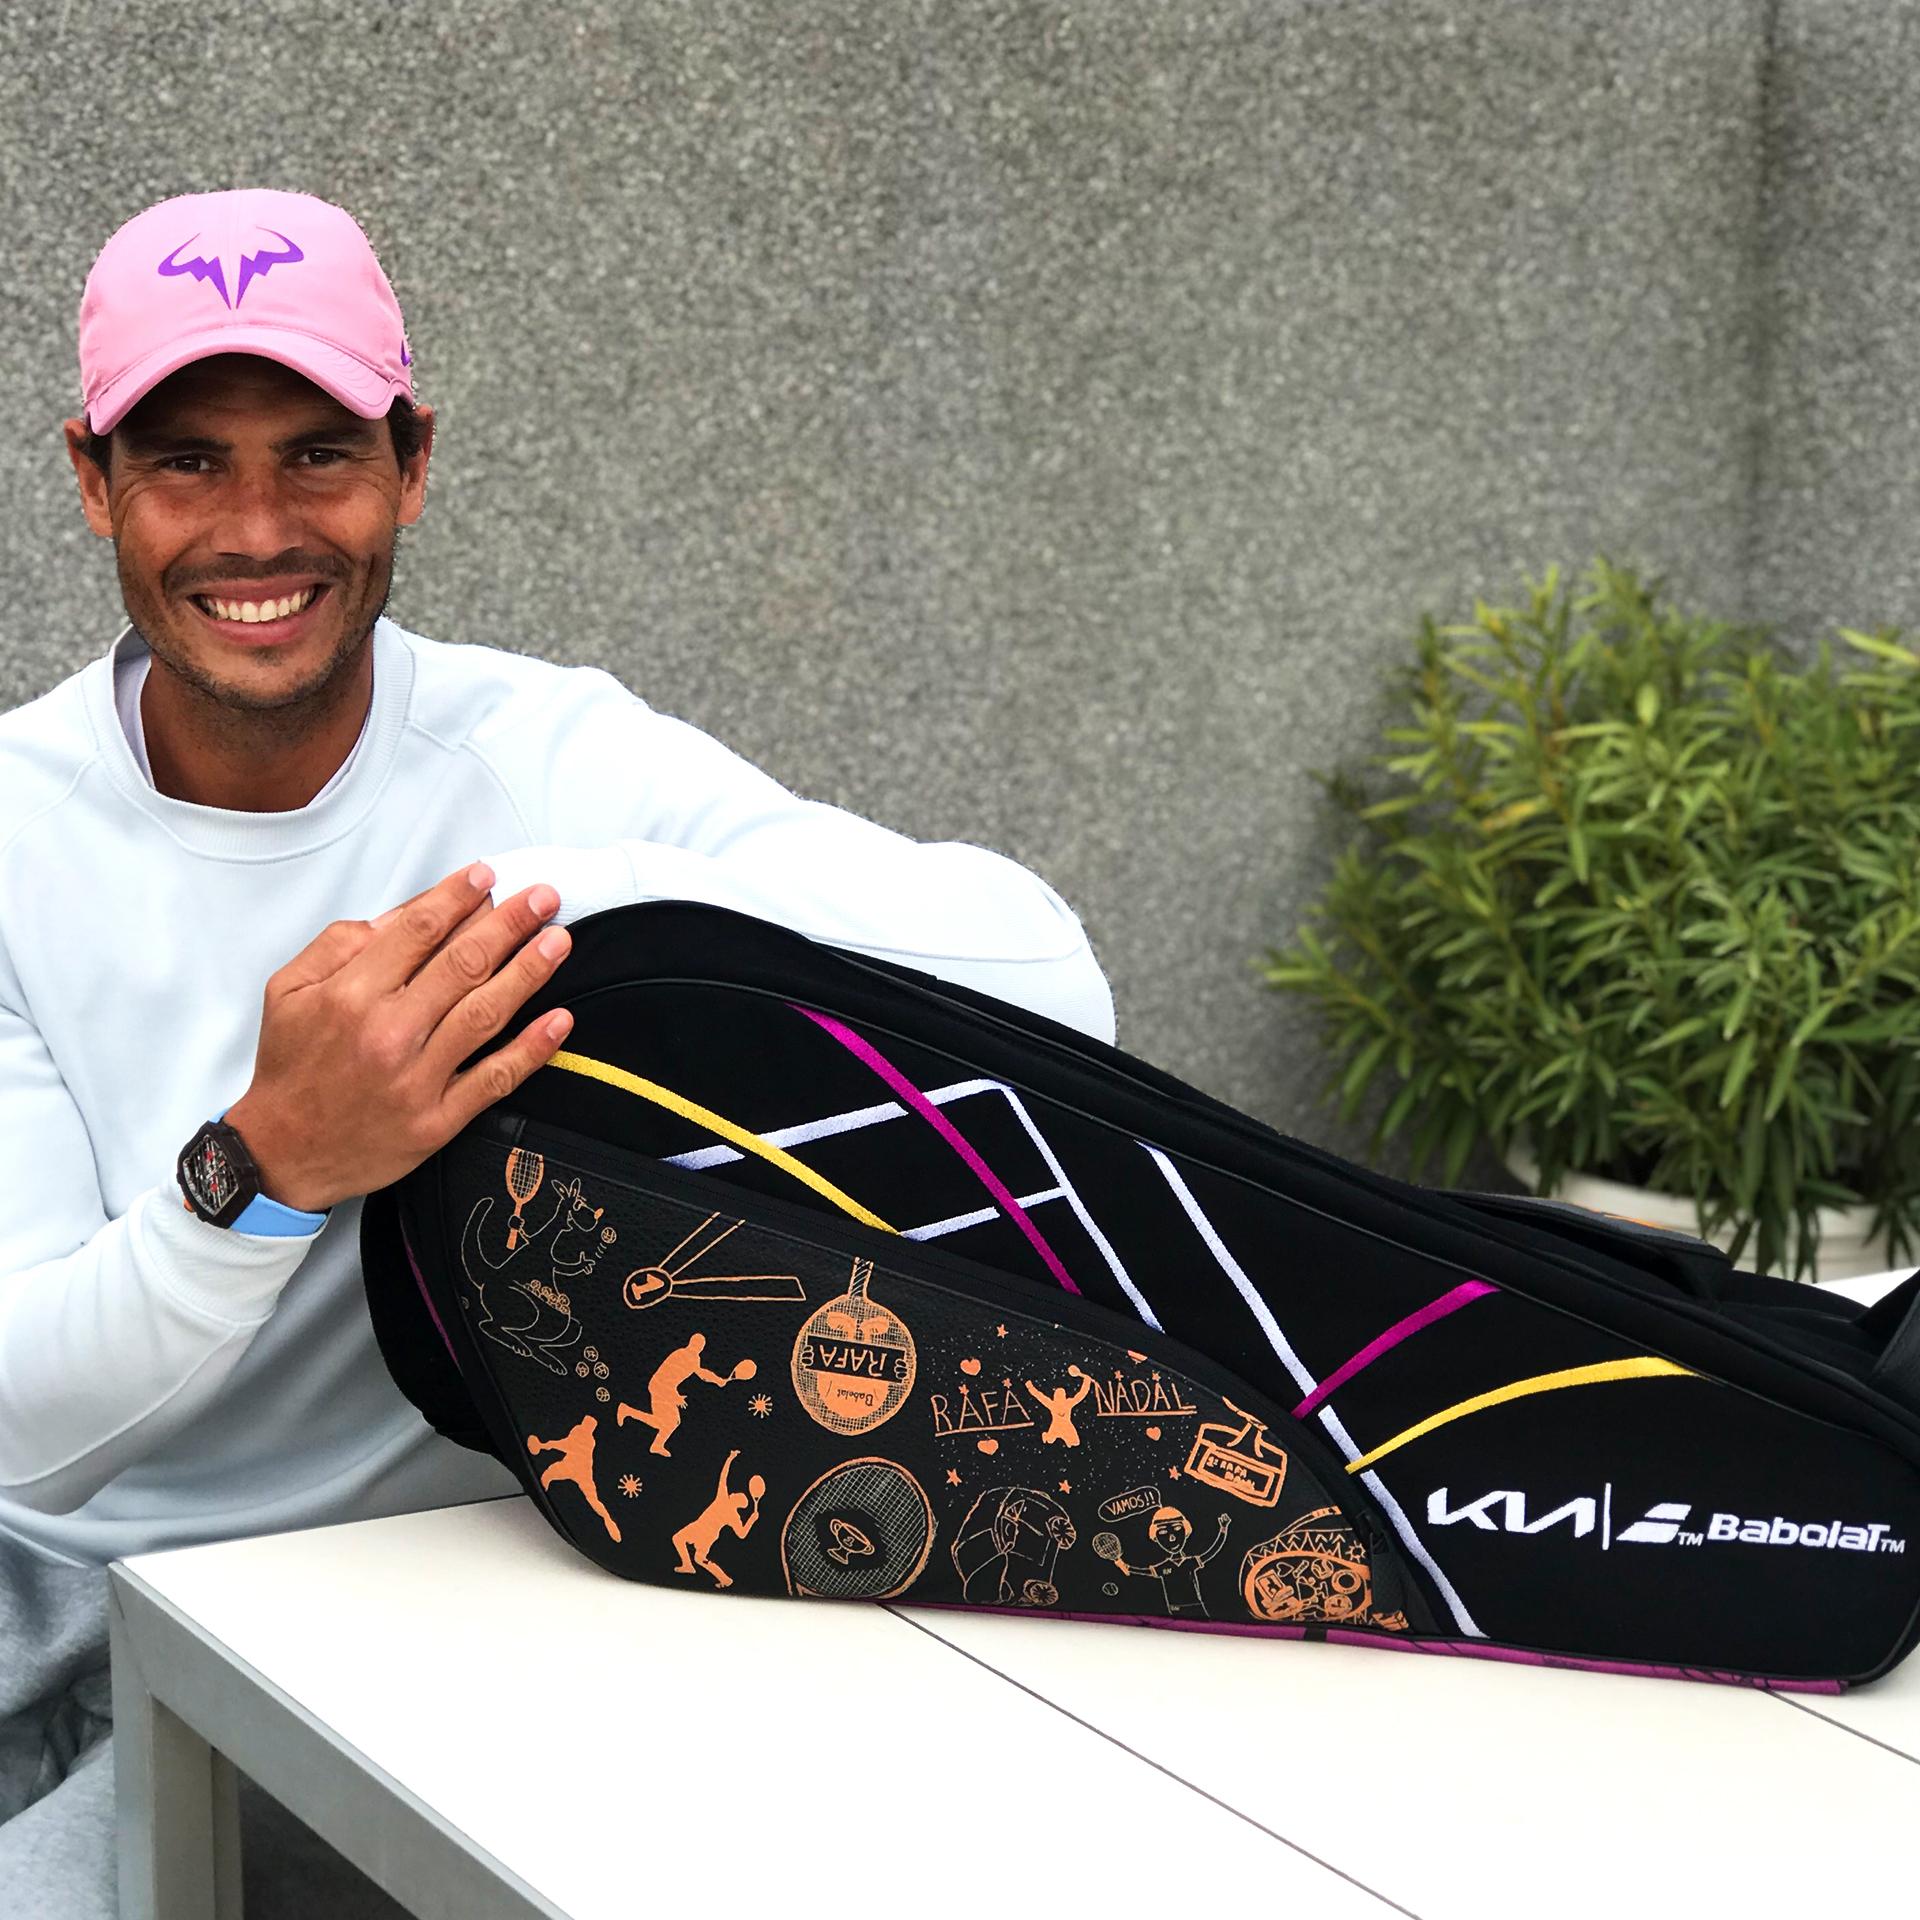 Rafa Nadal presenta un raquetero exclusivo de la mano de Kia y Babolat